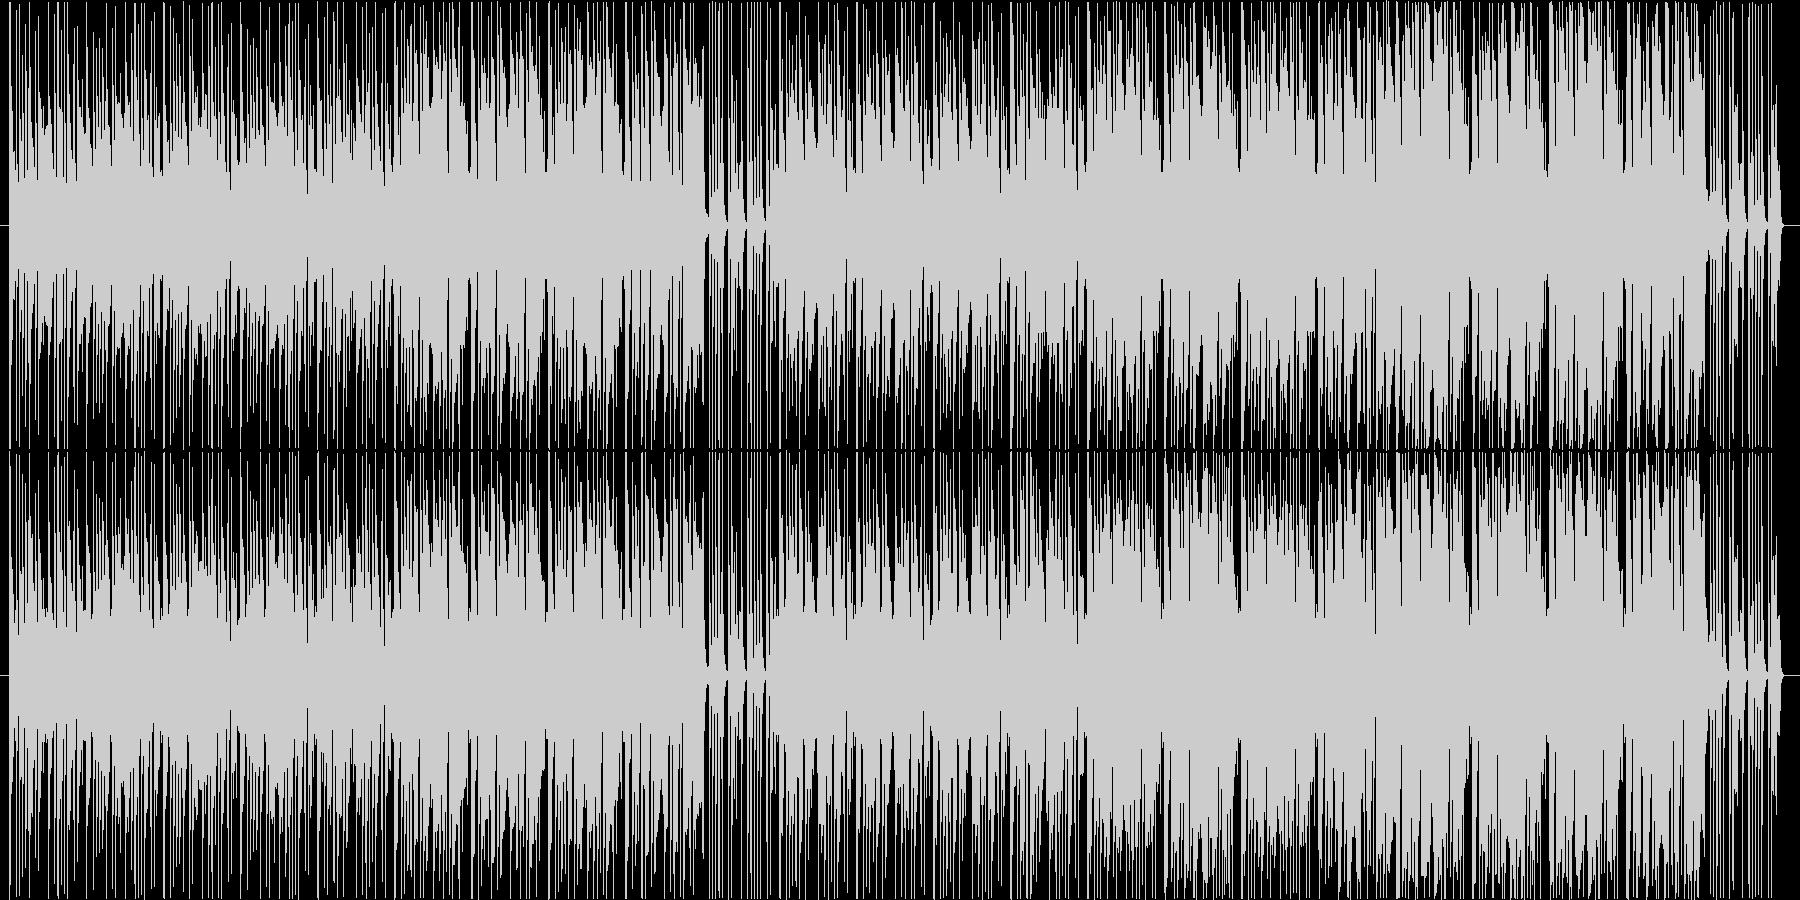 こども/ほのぼの/木琴リコーダー打楽器の未再生の波形